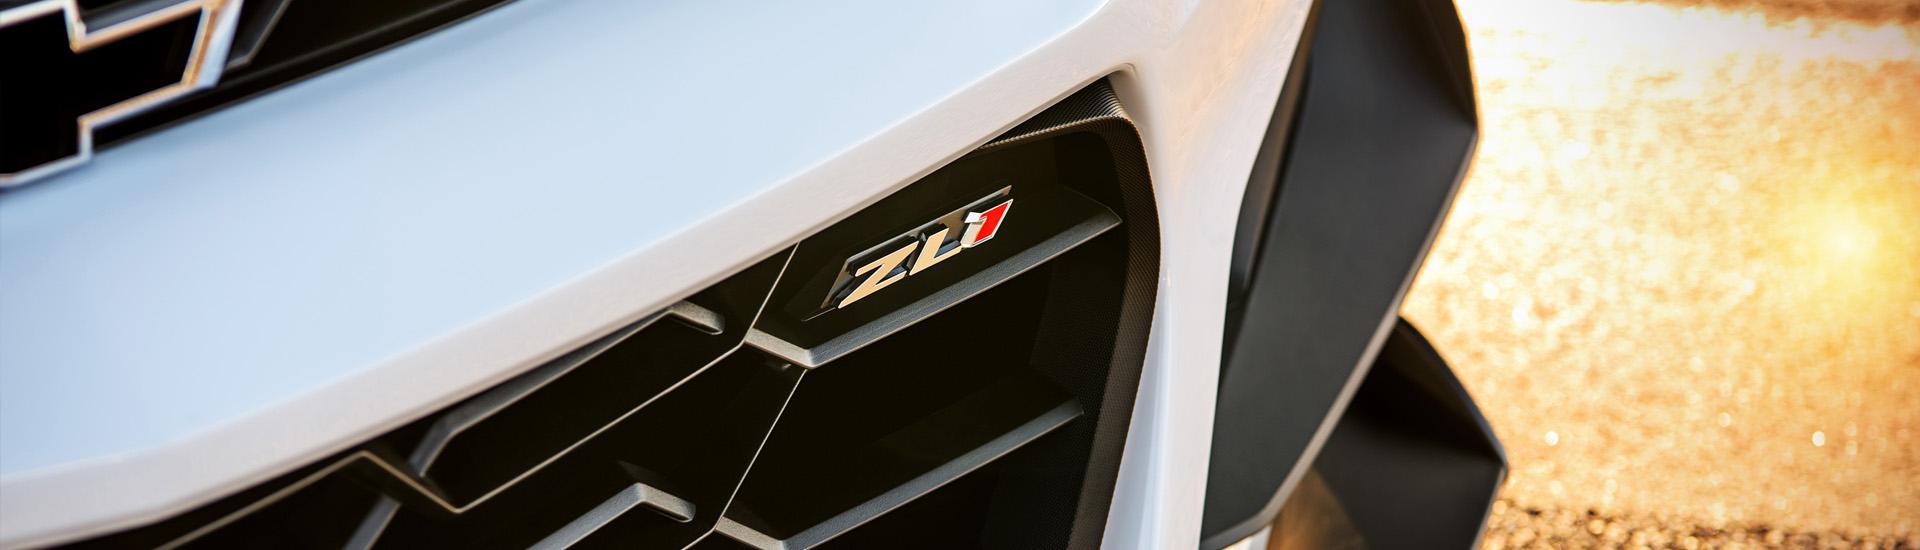 Chevrolet auktoriserad verkstad